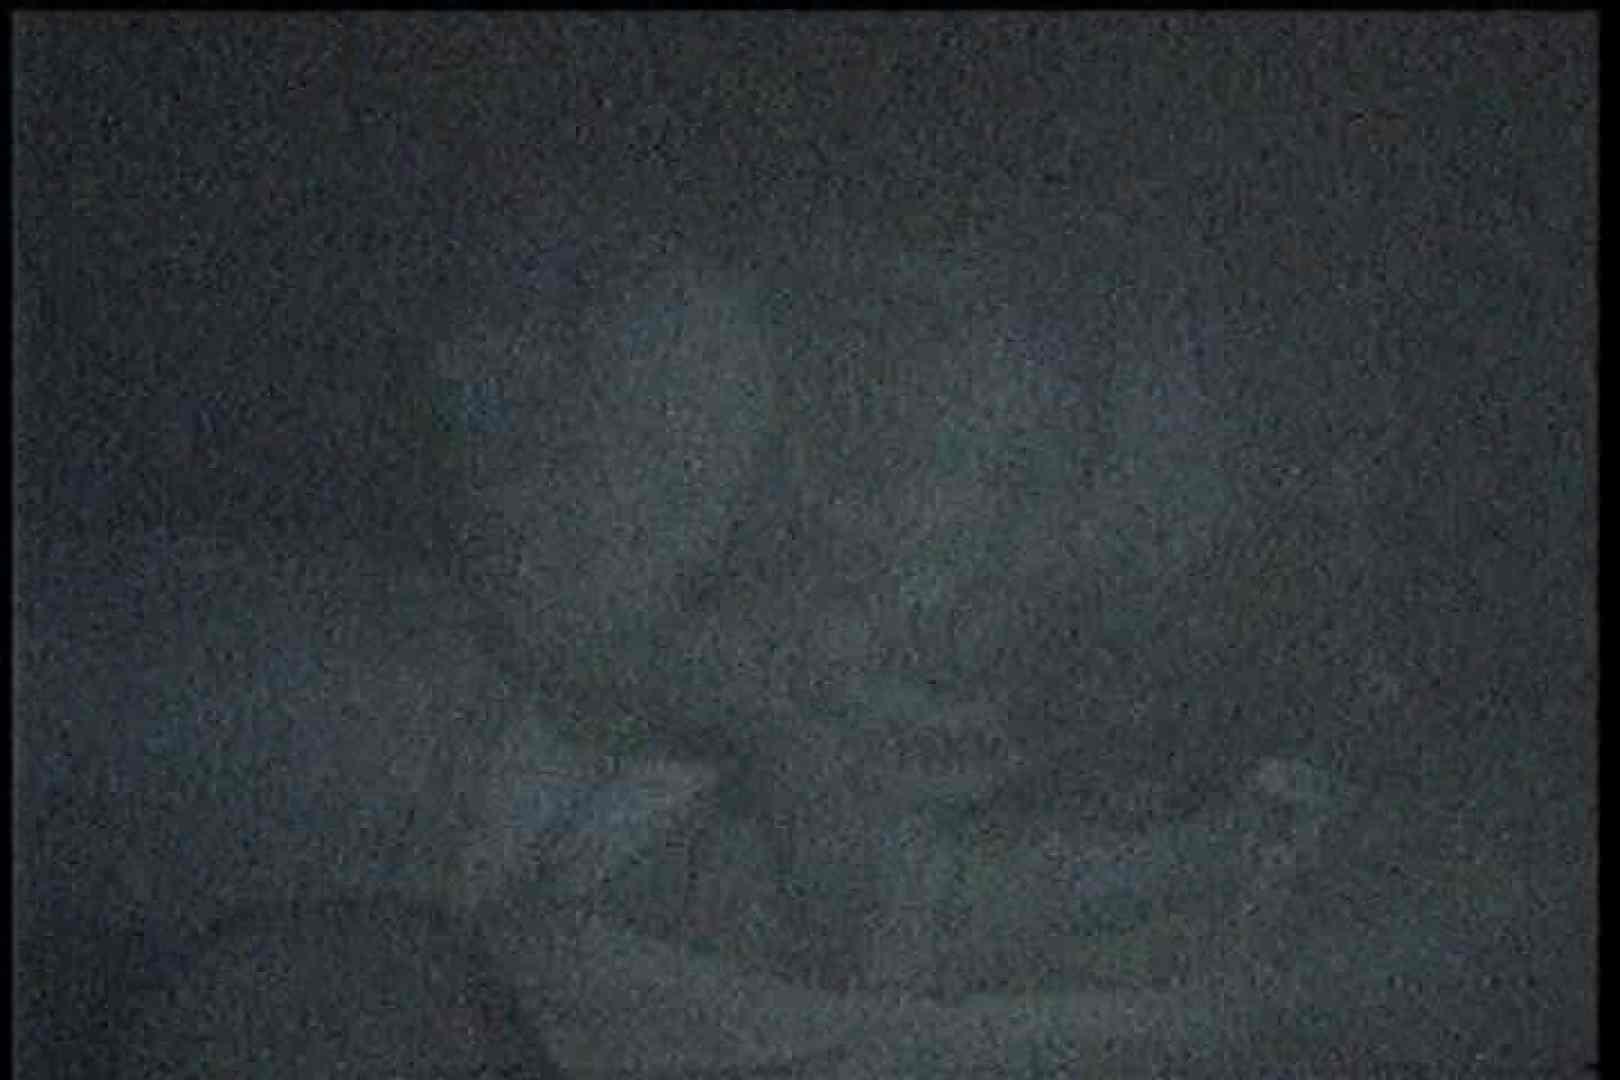 充血監督の深夜の運動会Vol.200 OLすけべ画像   クンニ  102連発 27